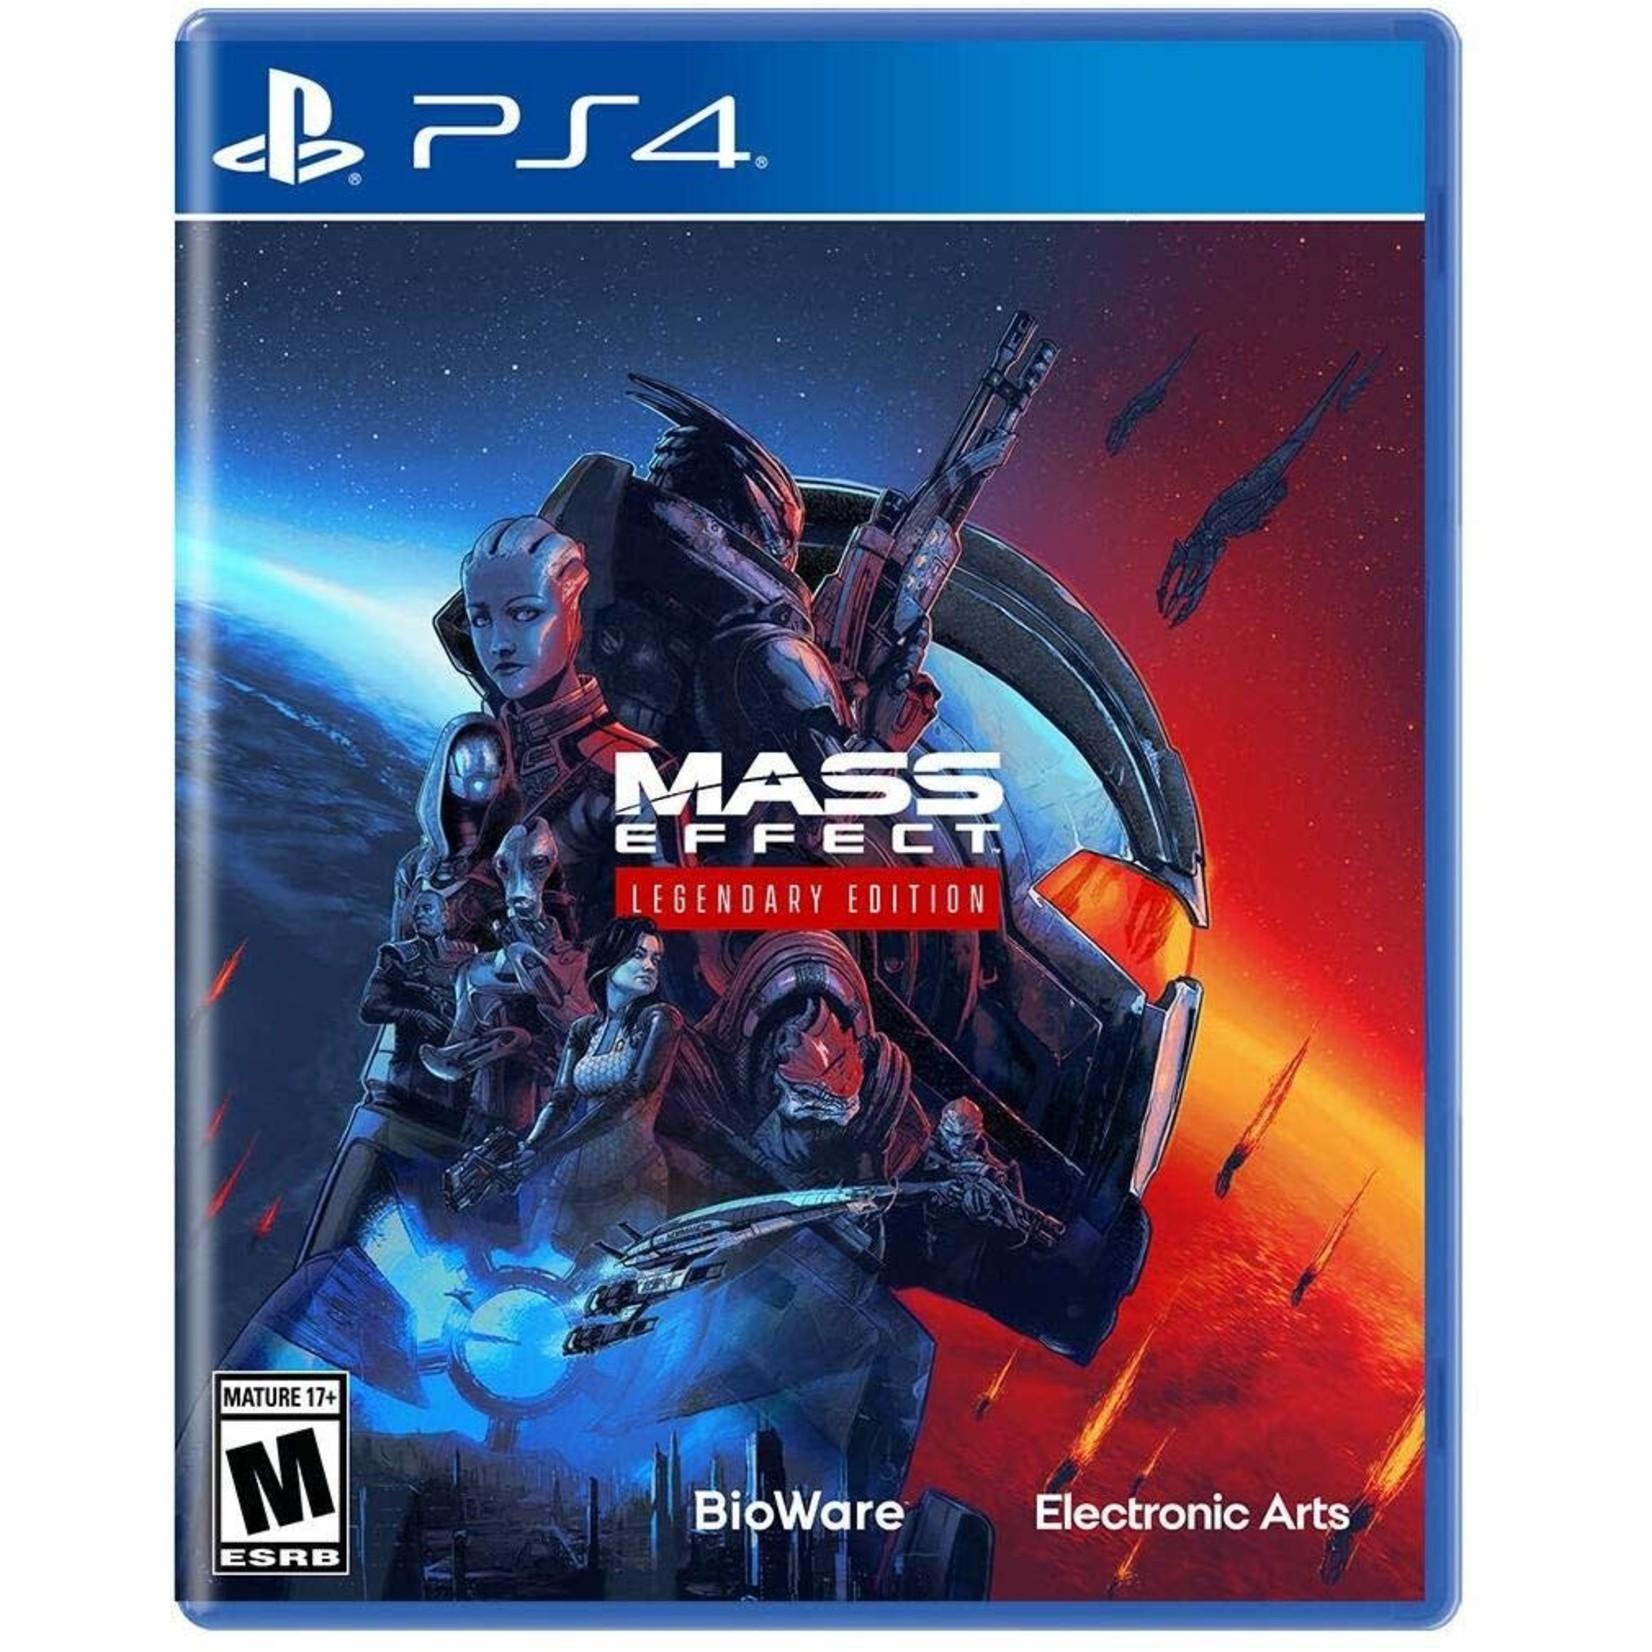 PS4-Mass Effect Legendary Edition